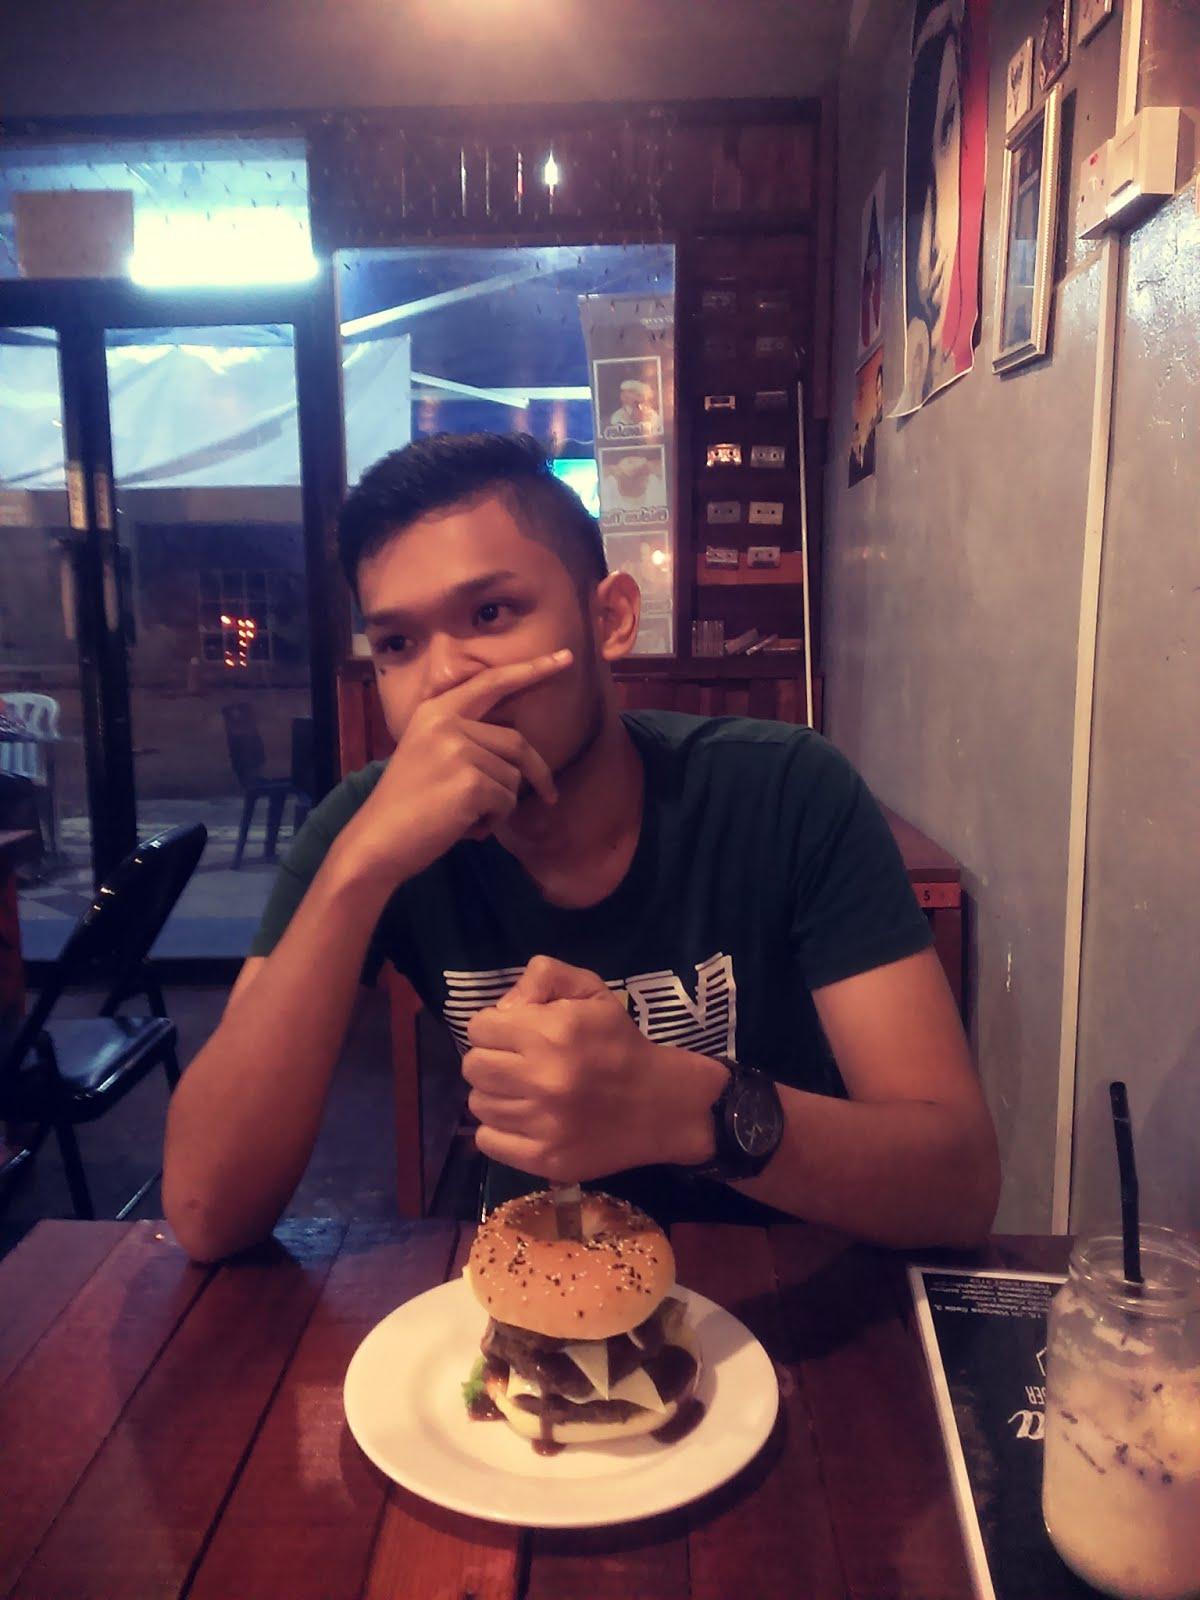 Roydeena Captain Burger - Wangsa Melawati, Kuala Lumpur